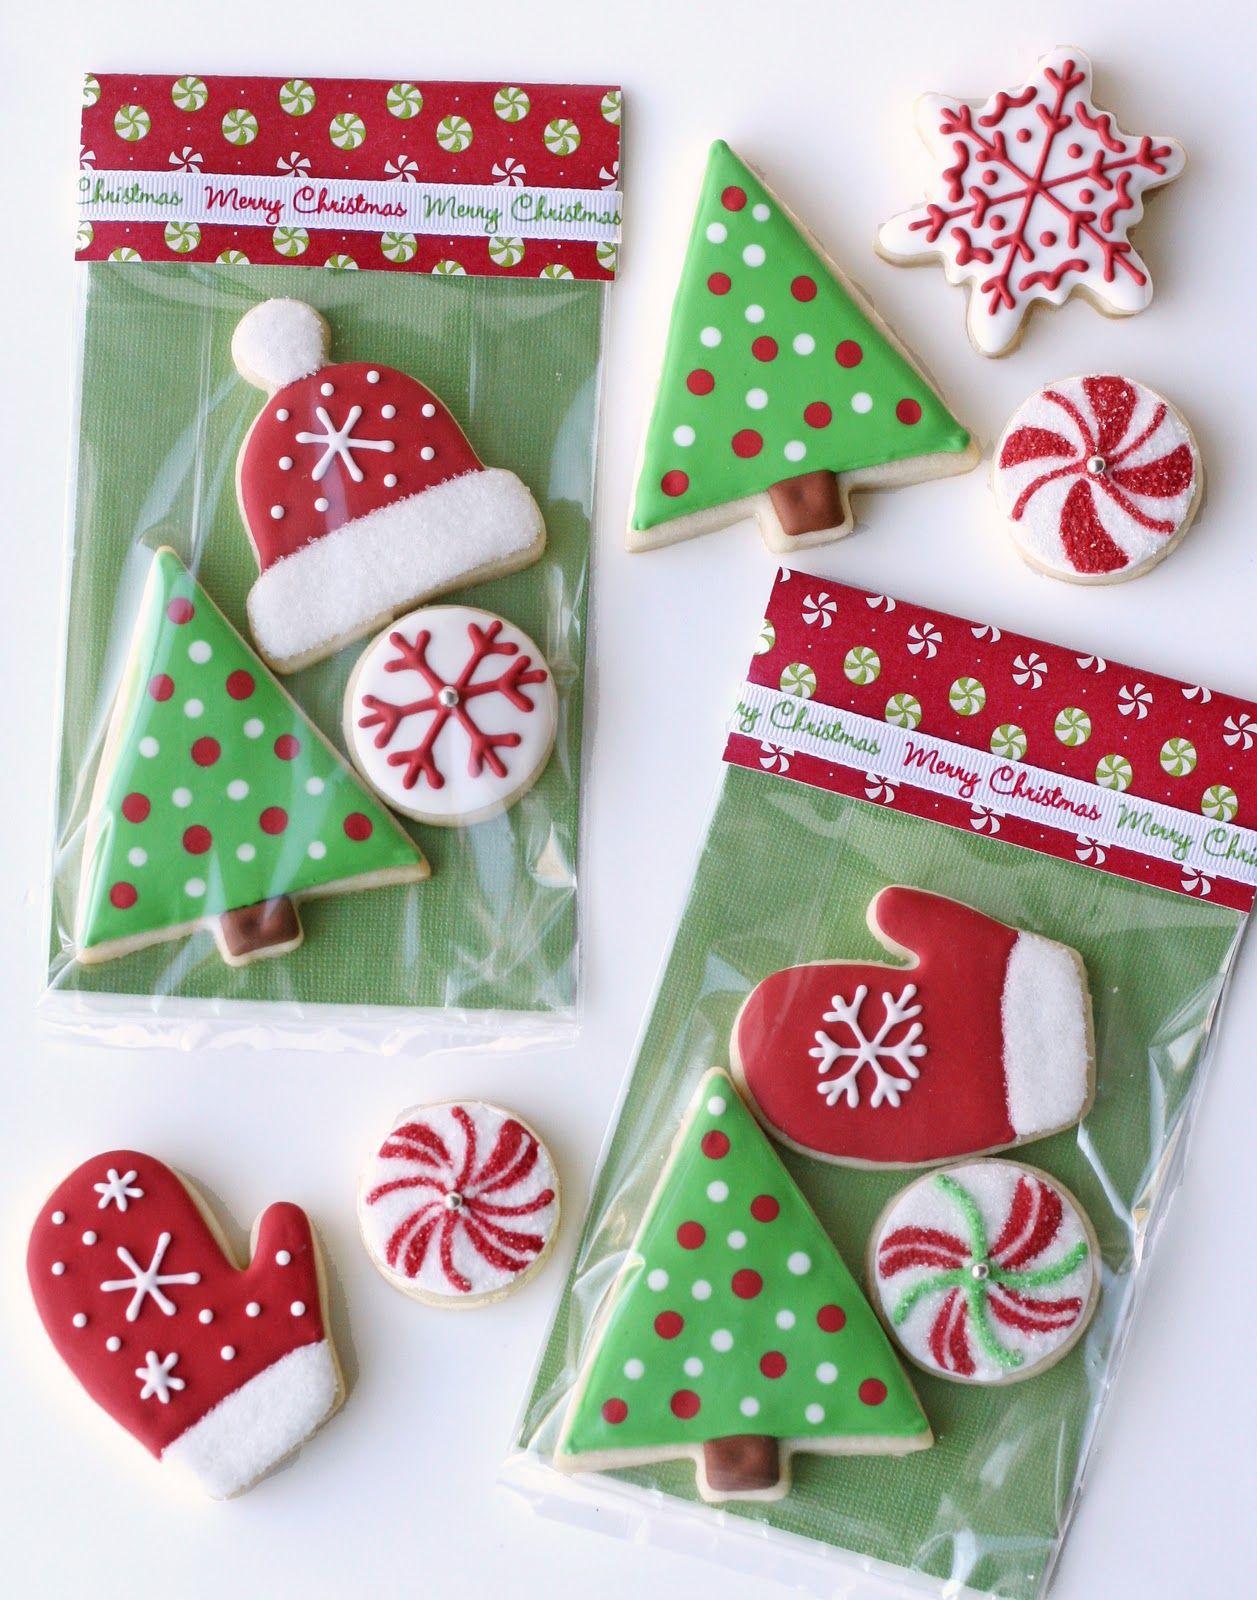 Christmas Cookies And Cute Packaging Glorious Treats Christmas Cookies Gift Christmas Cookies Decorated Xmas Cookies